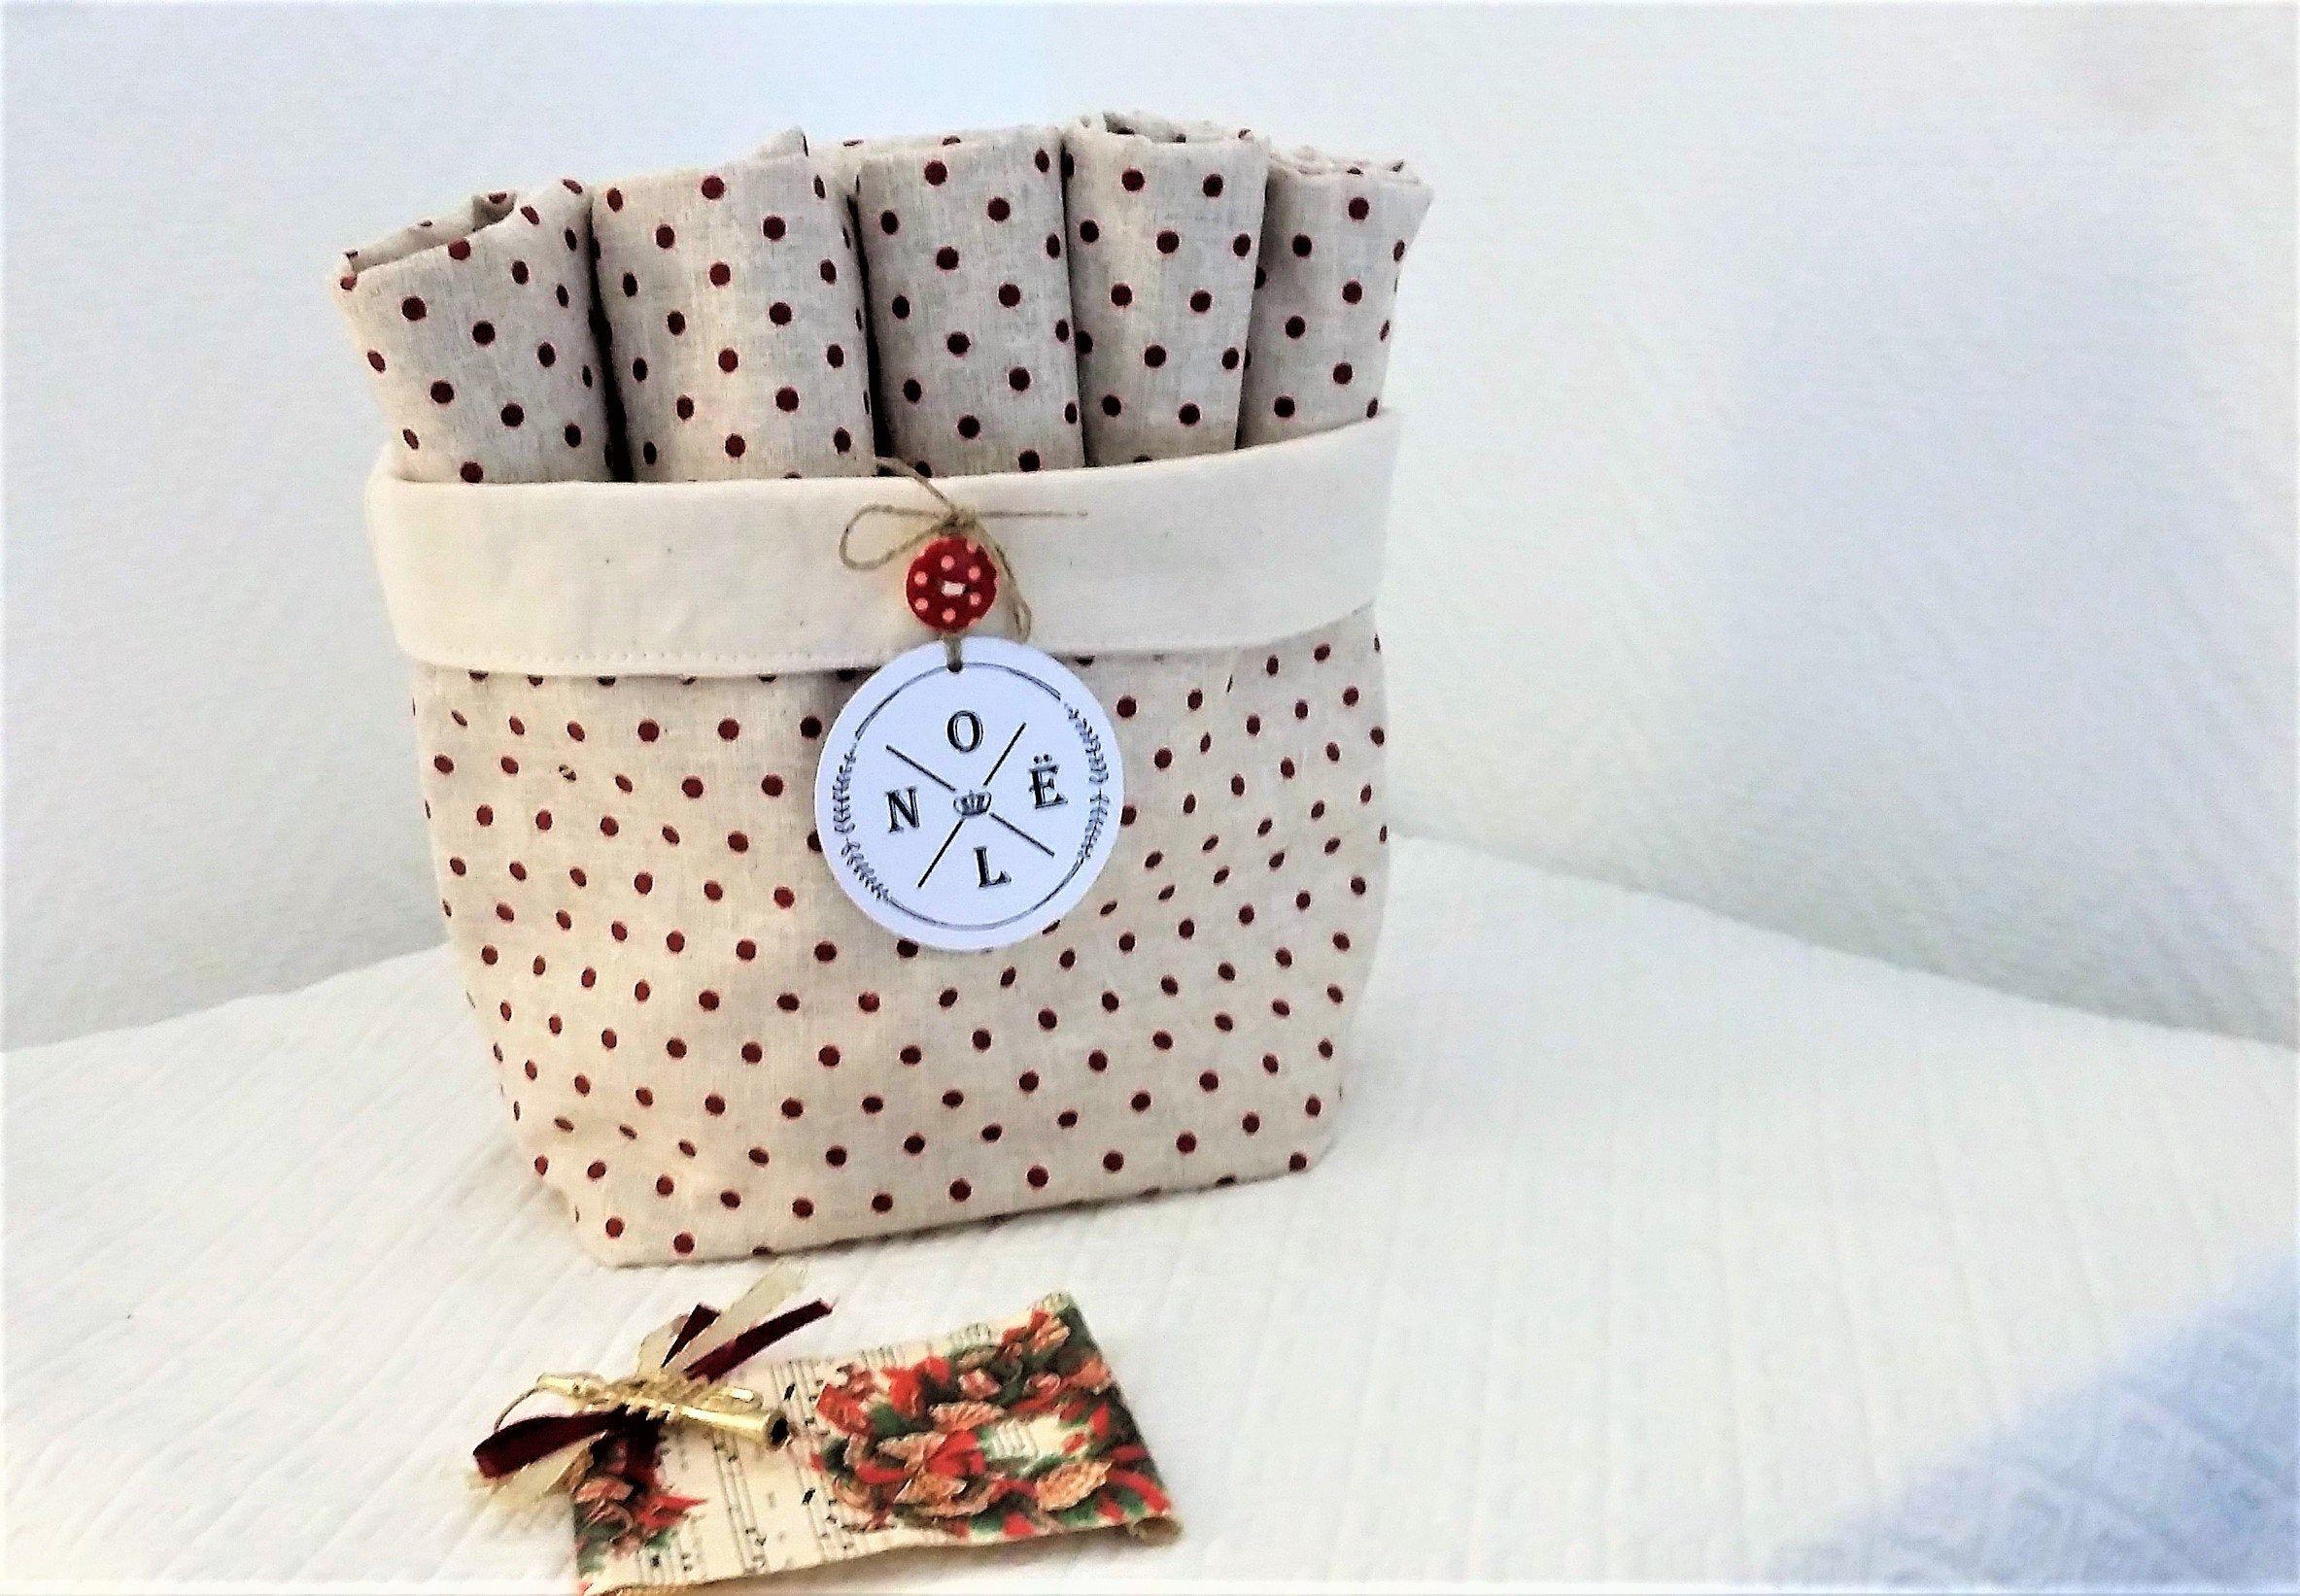 serviettes de table par 5 et panier ,cadeau femme ,linge de table,serviette de Noël,cadeau Noël,cadeau homme,kit zéro déchet